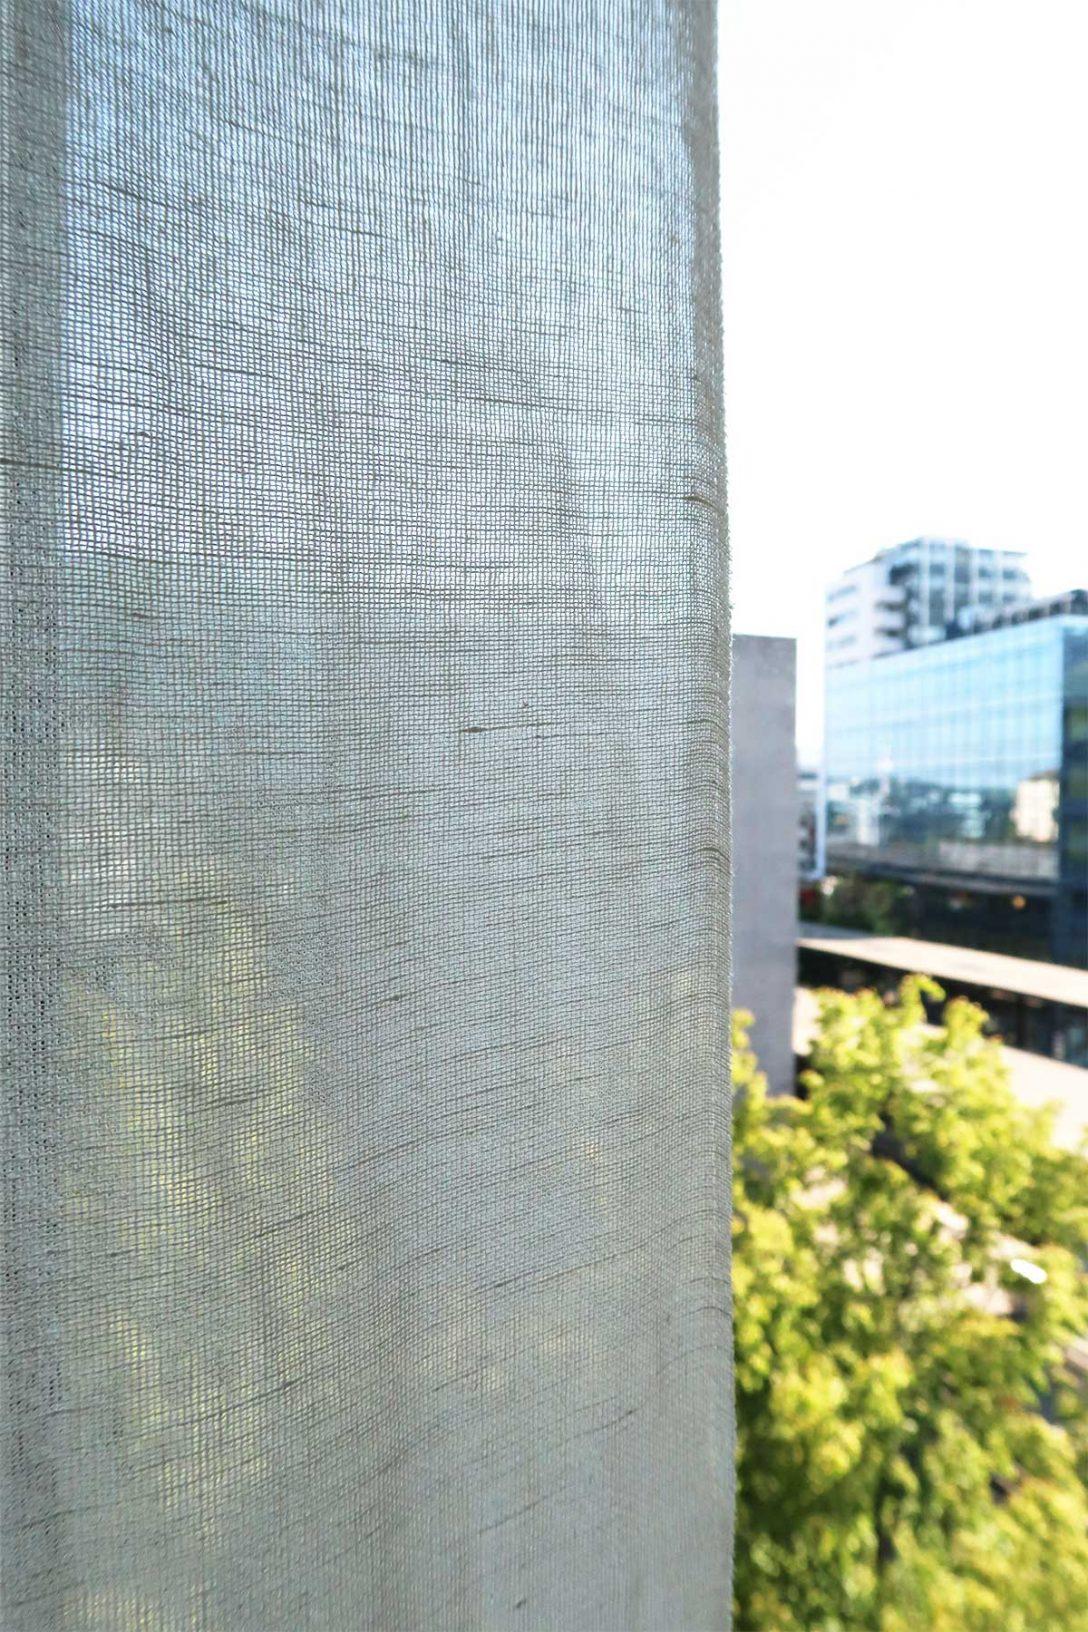 Large Size of Sichtschutzfolie Fenster Einseitig Durchsichtig Obi Sichtschutz Modern Sichtschutzfolien Innen Plissee Melinera Lidl Ikea Bad Moderne Blickdicht Spiegel Rollo Fenster Fenster Sichtschutz